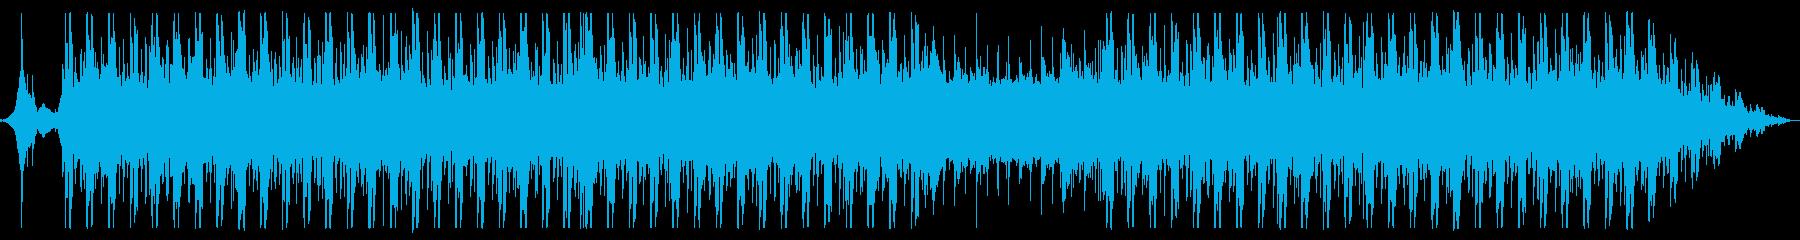 プレゼン、CM等でありそうな未来的な曲の再生済みの波形